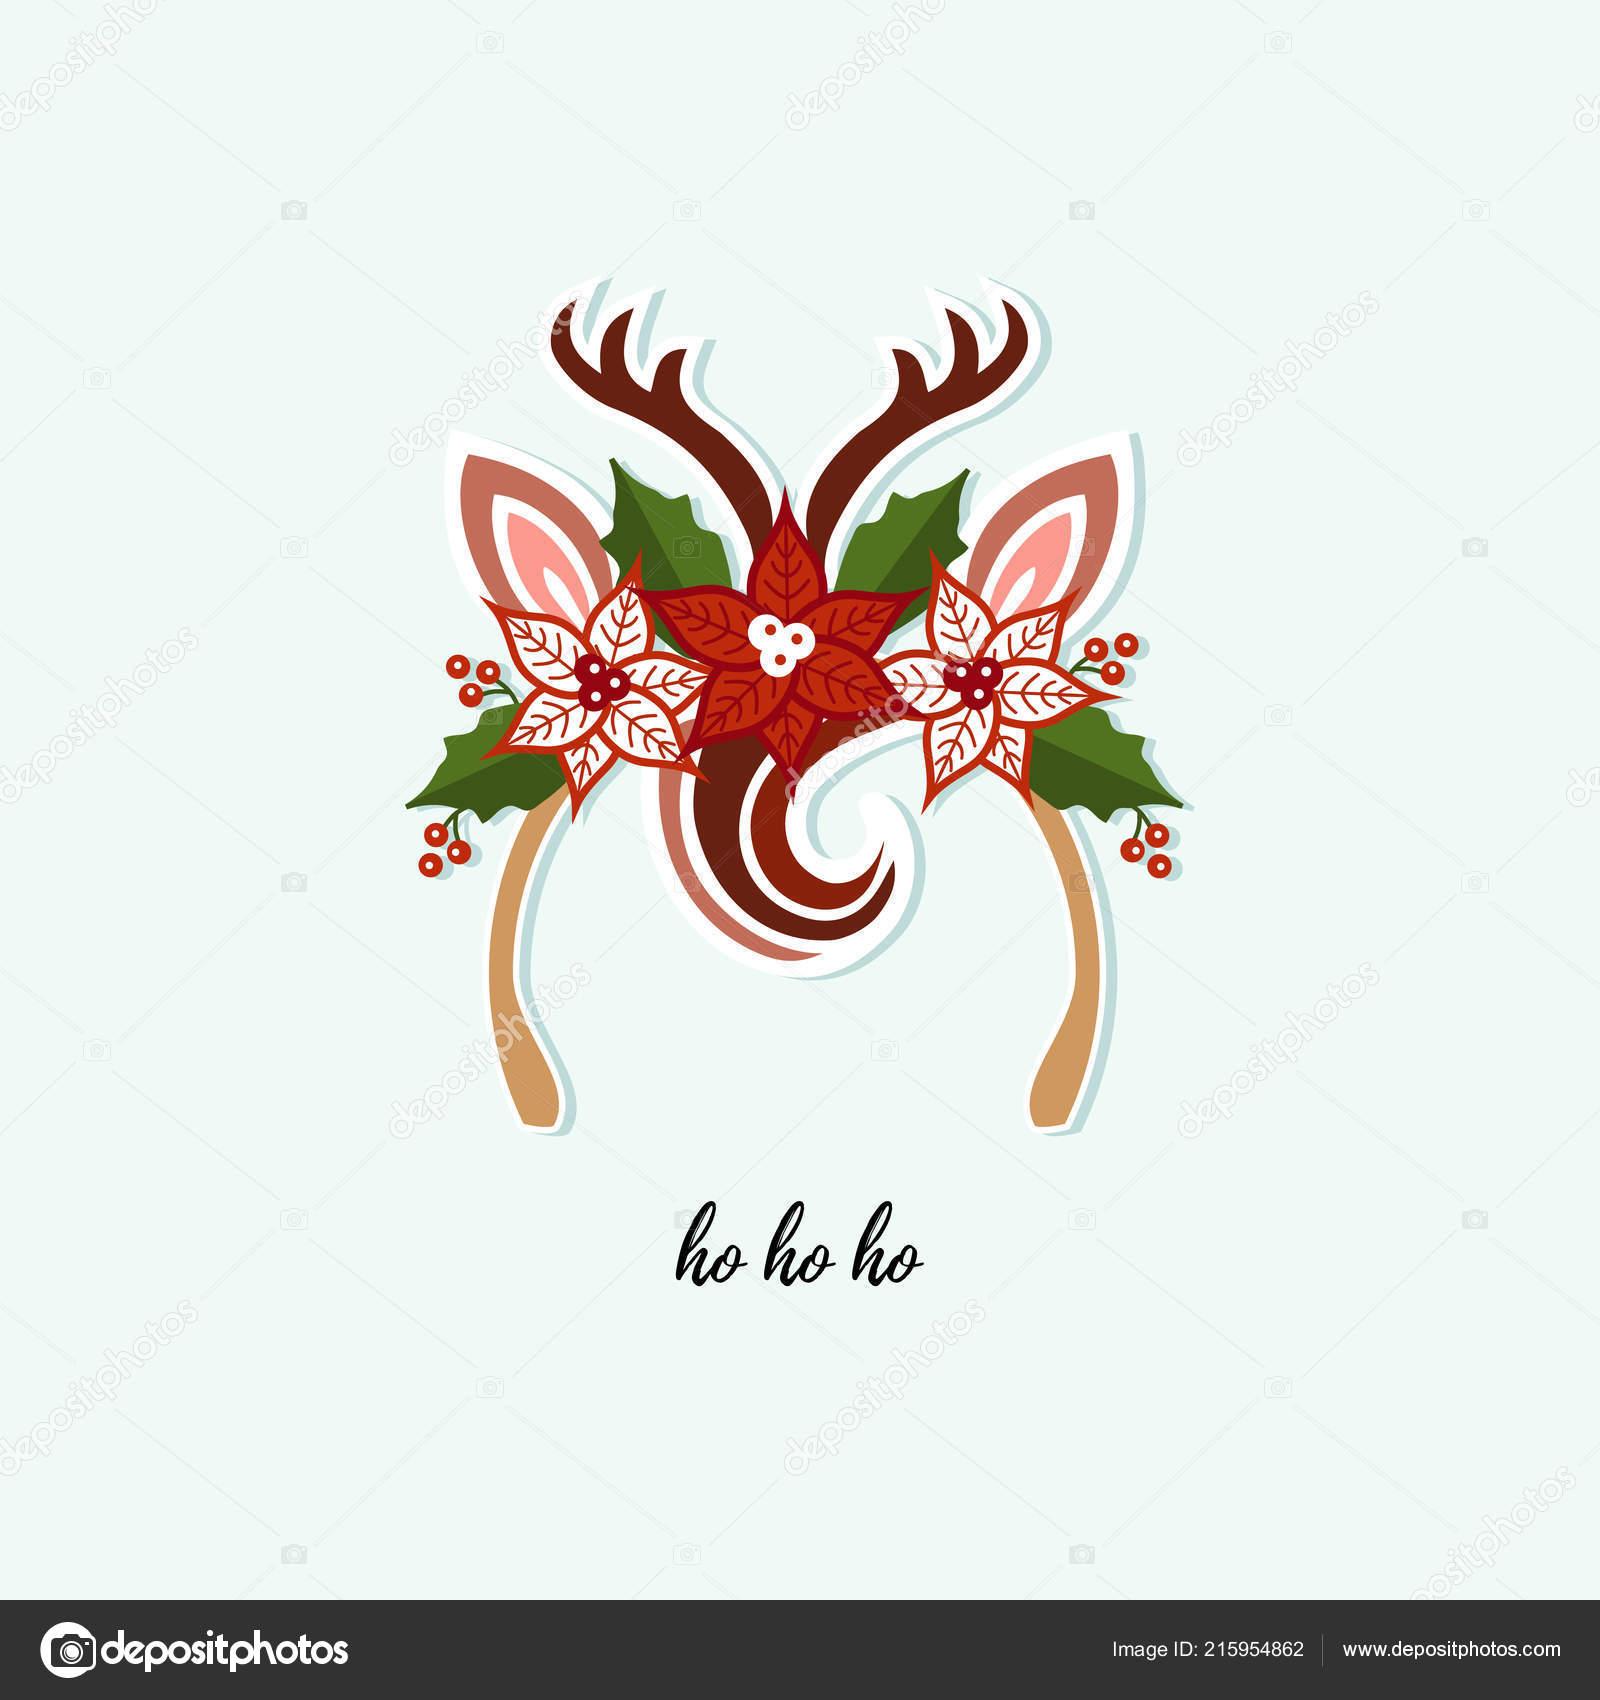 db880fffc Jelena čelenka s třásněmi, parohy, květ. Vektorové ilustrace. Vánoční  čelenka pro vánoční večírek, pozvánka, narozeniny, pozdravy, baby shop,  tričko design ...